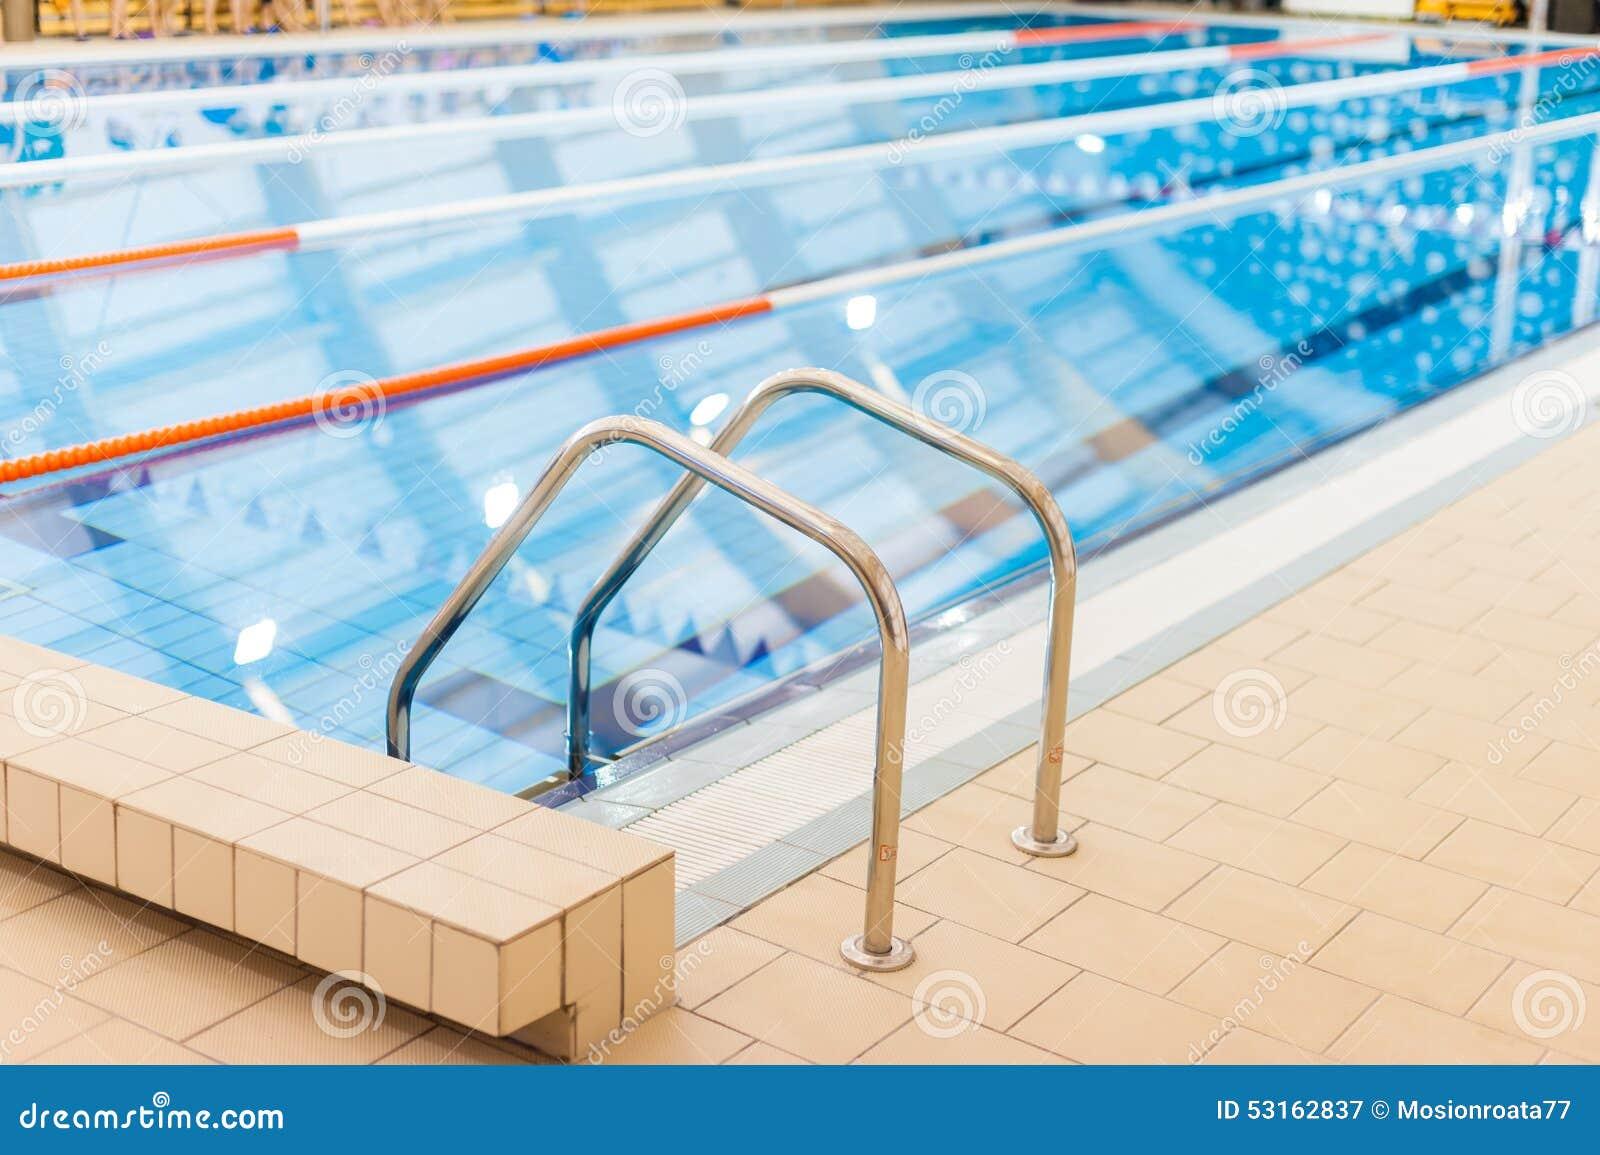 Entrada de la piscina foto de archivo imagen 53162837 for Entrada piscina